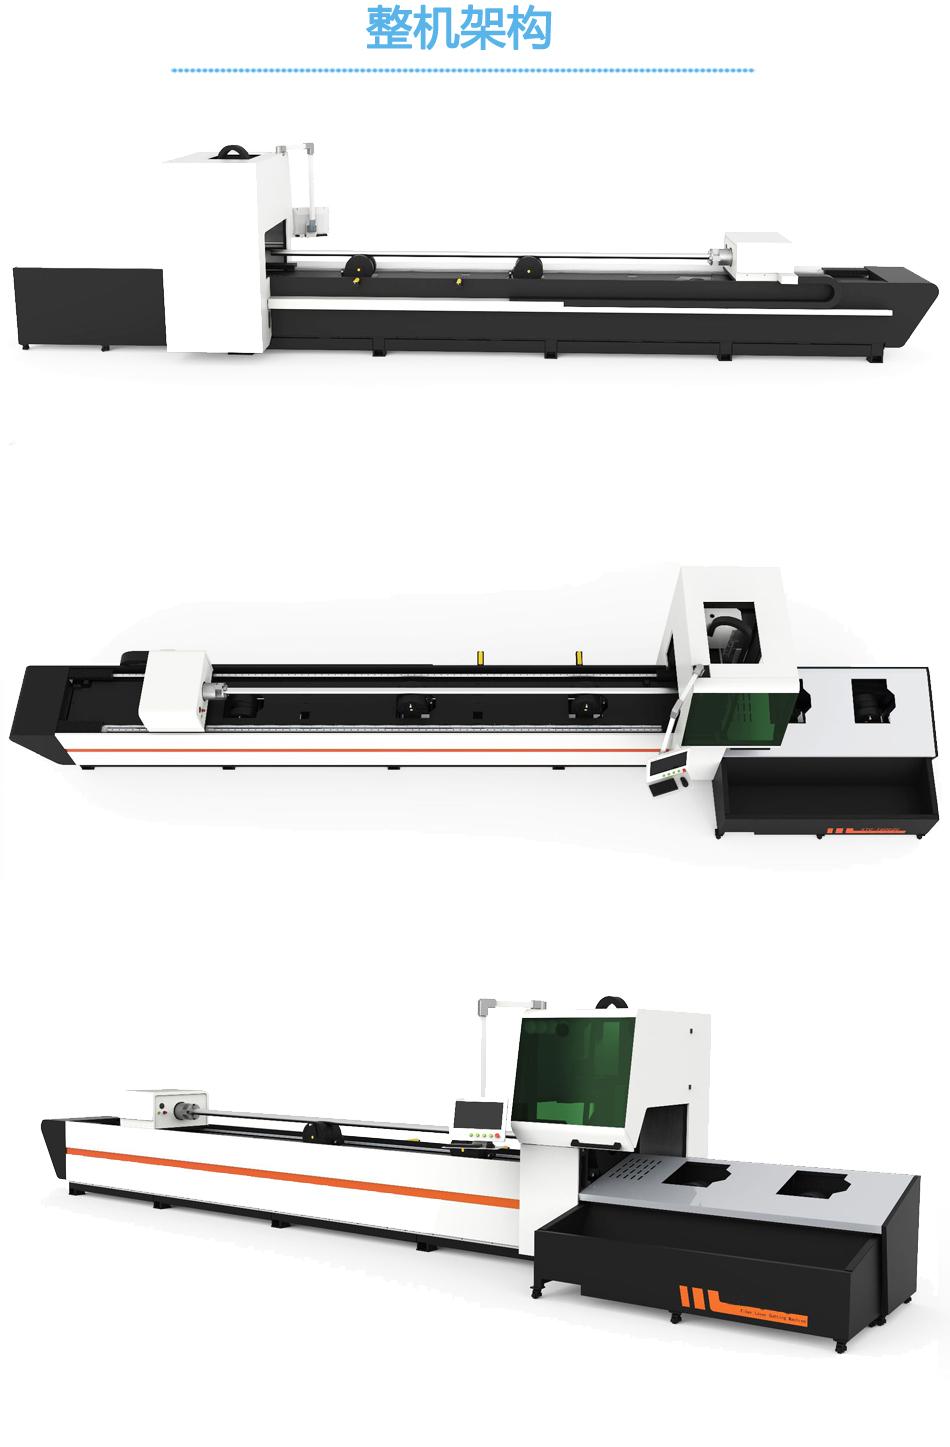 管材系列激光切割机_04.jpg